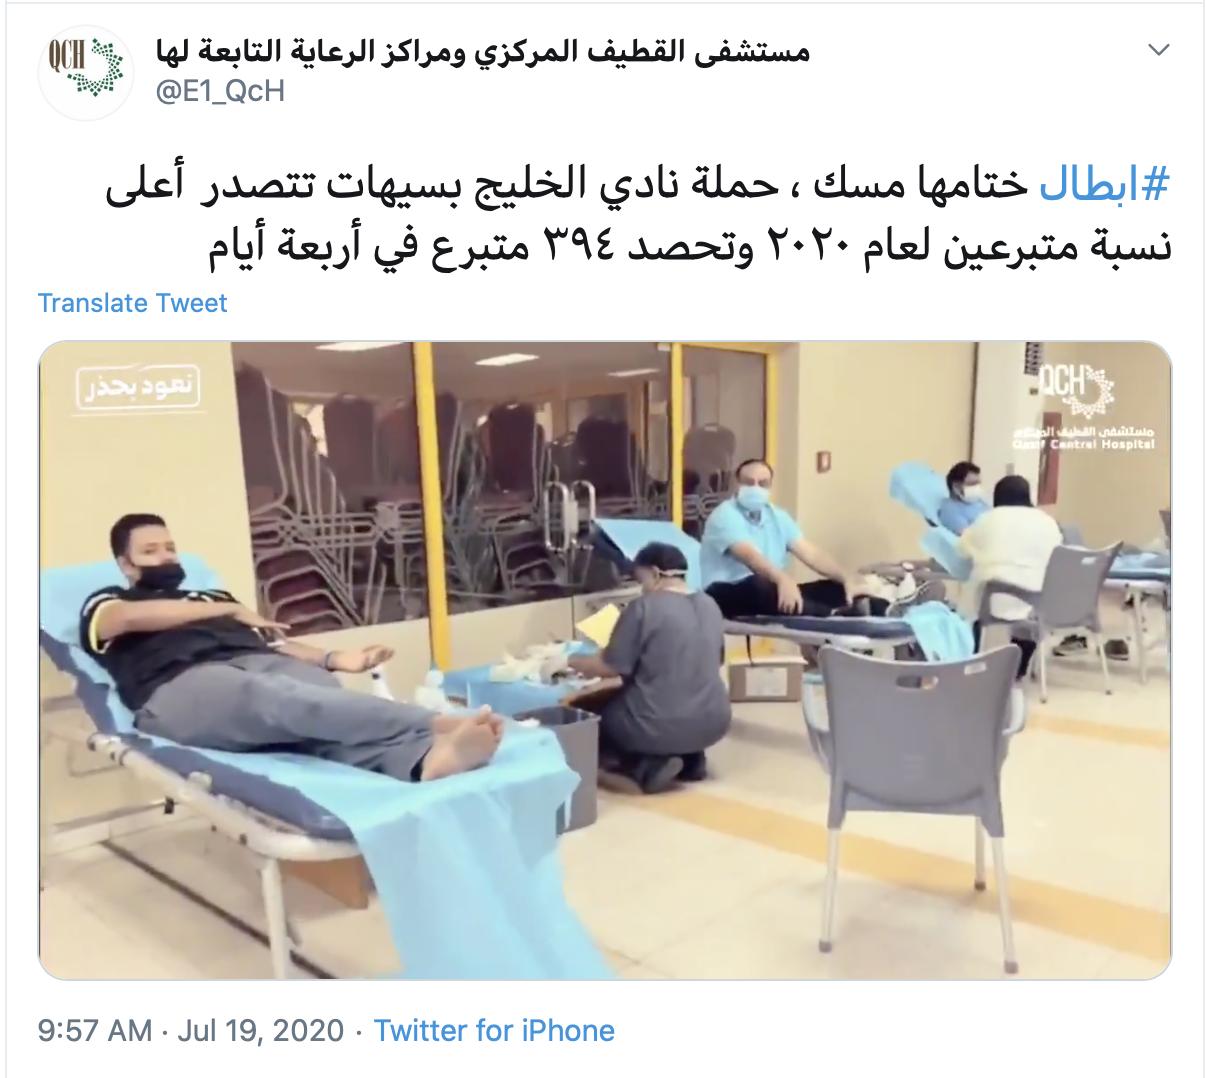 مستشفى القطيف المركزي يغرد نادي الخليج متصدر